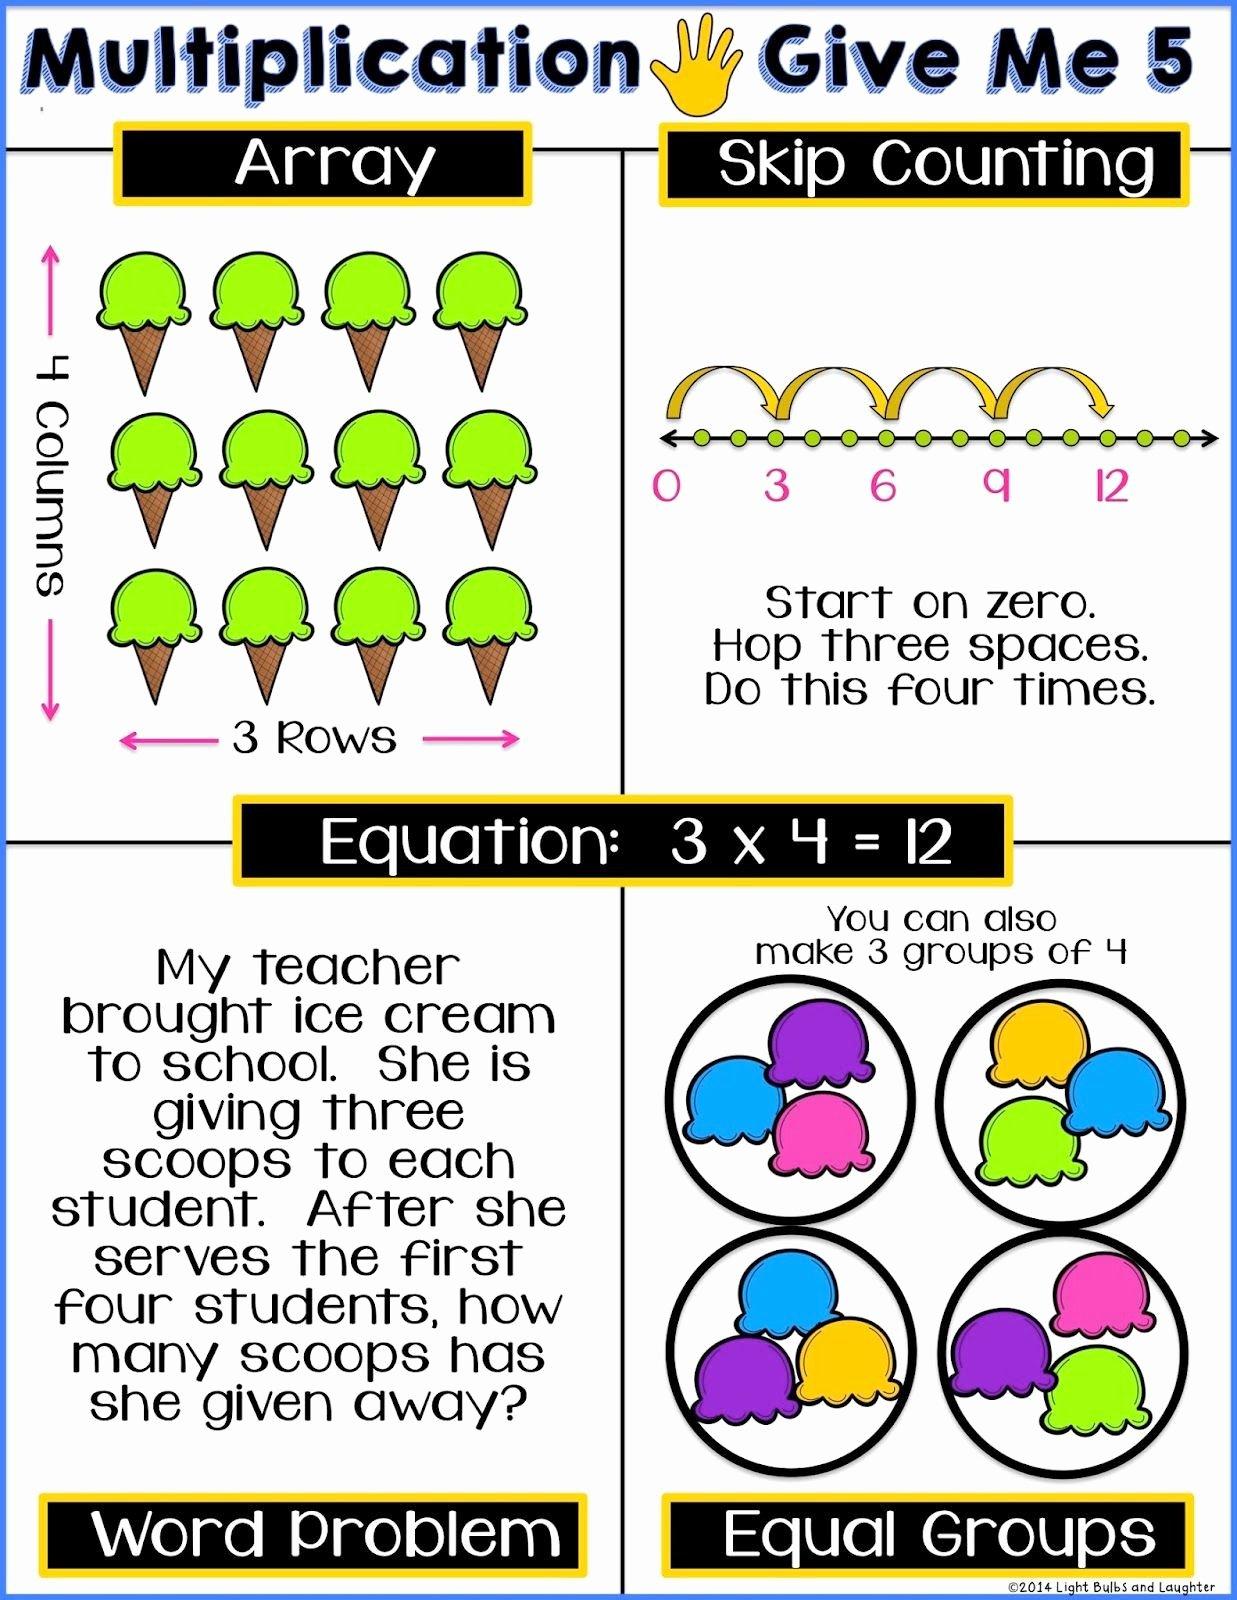 Equal Groups Worksheets 3rd Grade Lovely Equal Groups Worksheets 3rd Grade In 2020